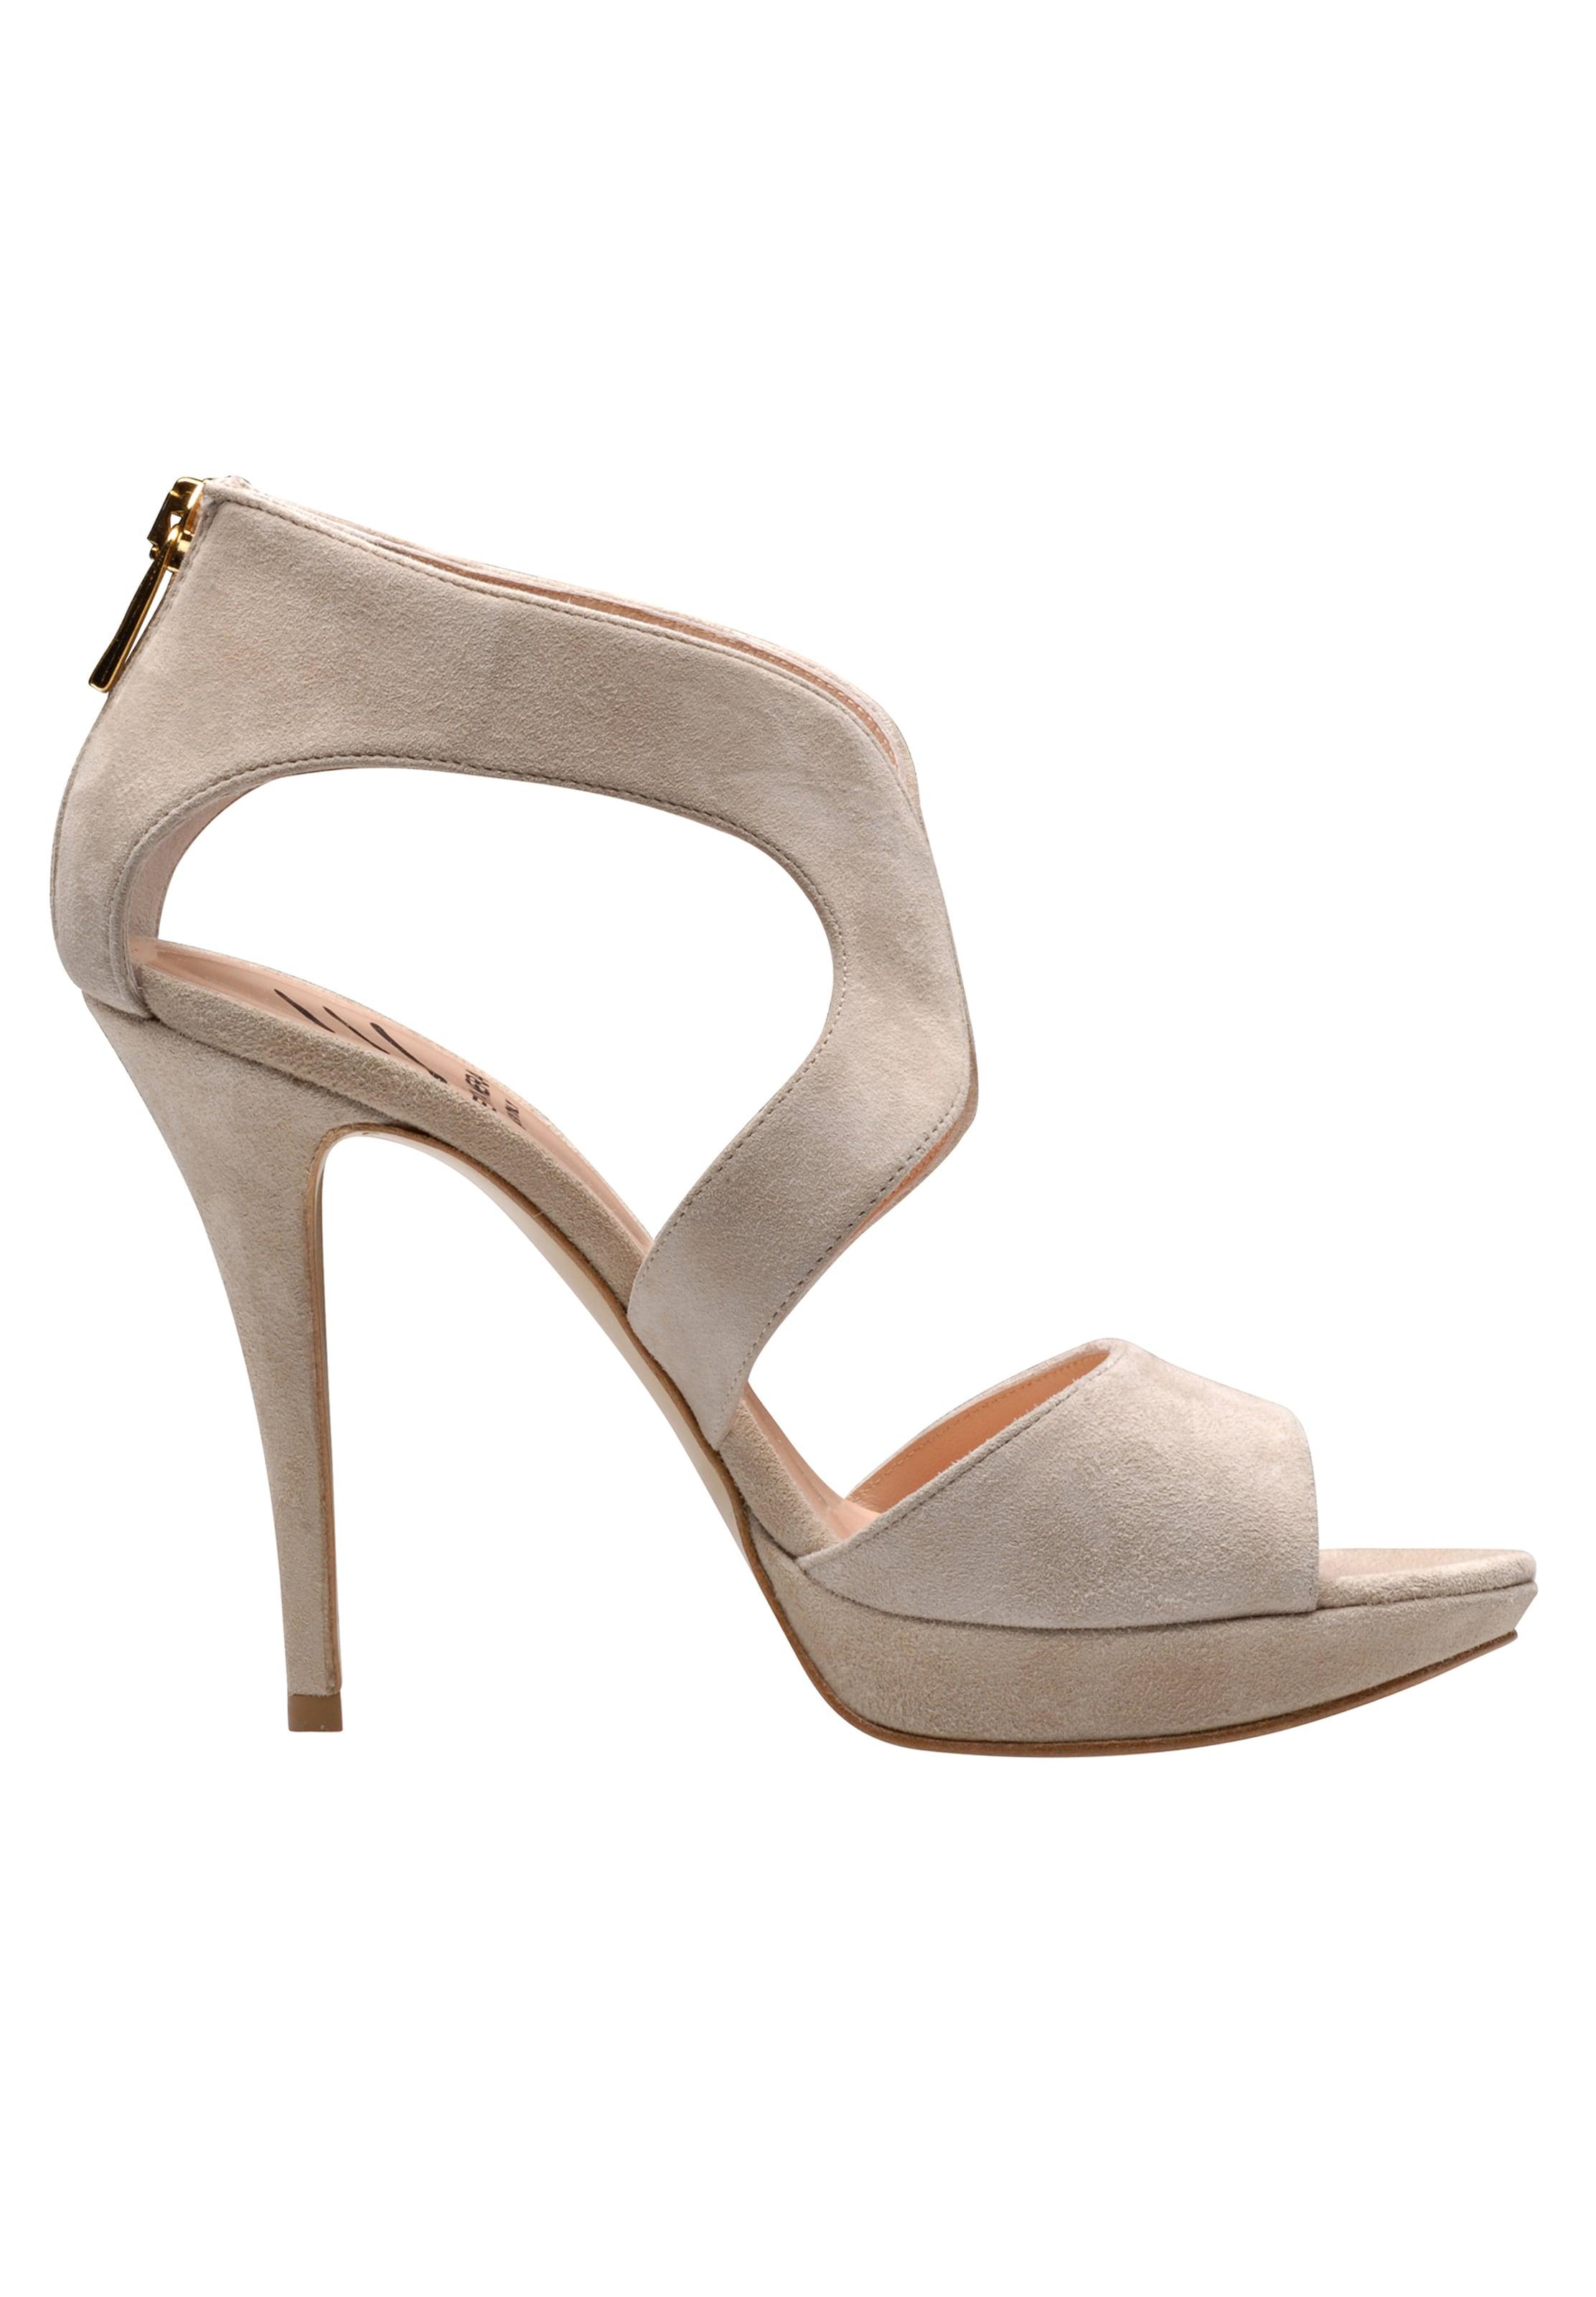 Sandalette In In Evita Sandalette In Camel Camel Evita Evita Sandalette PnOk0w